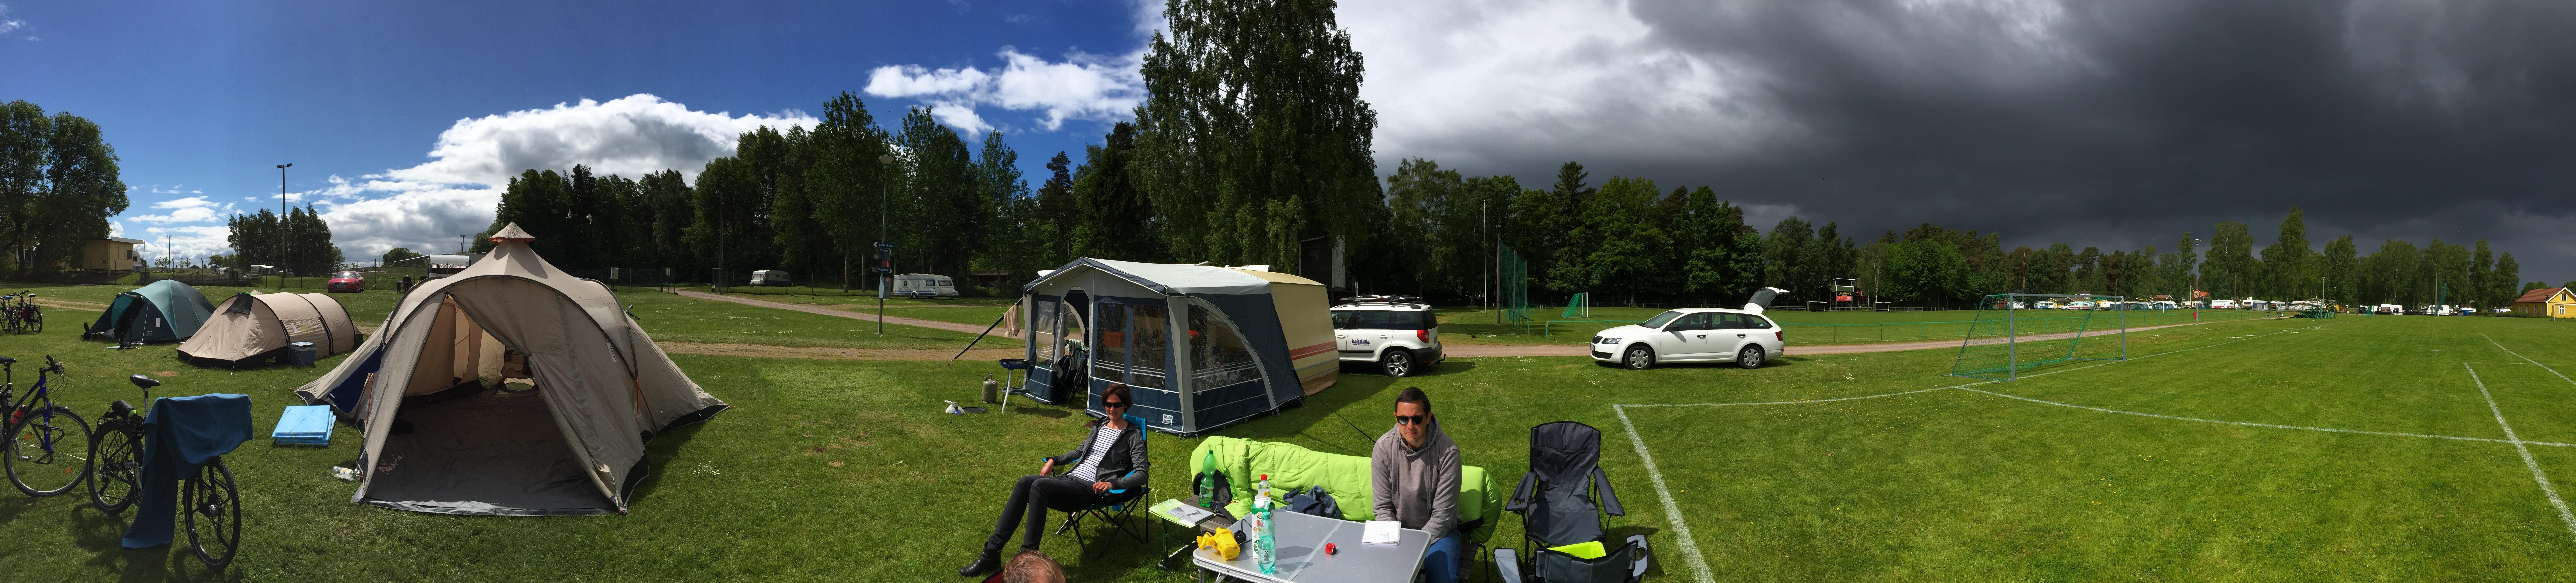 Camping Vätternrundan Z-Parken Motala